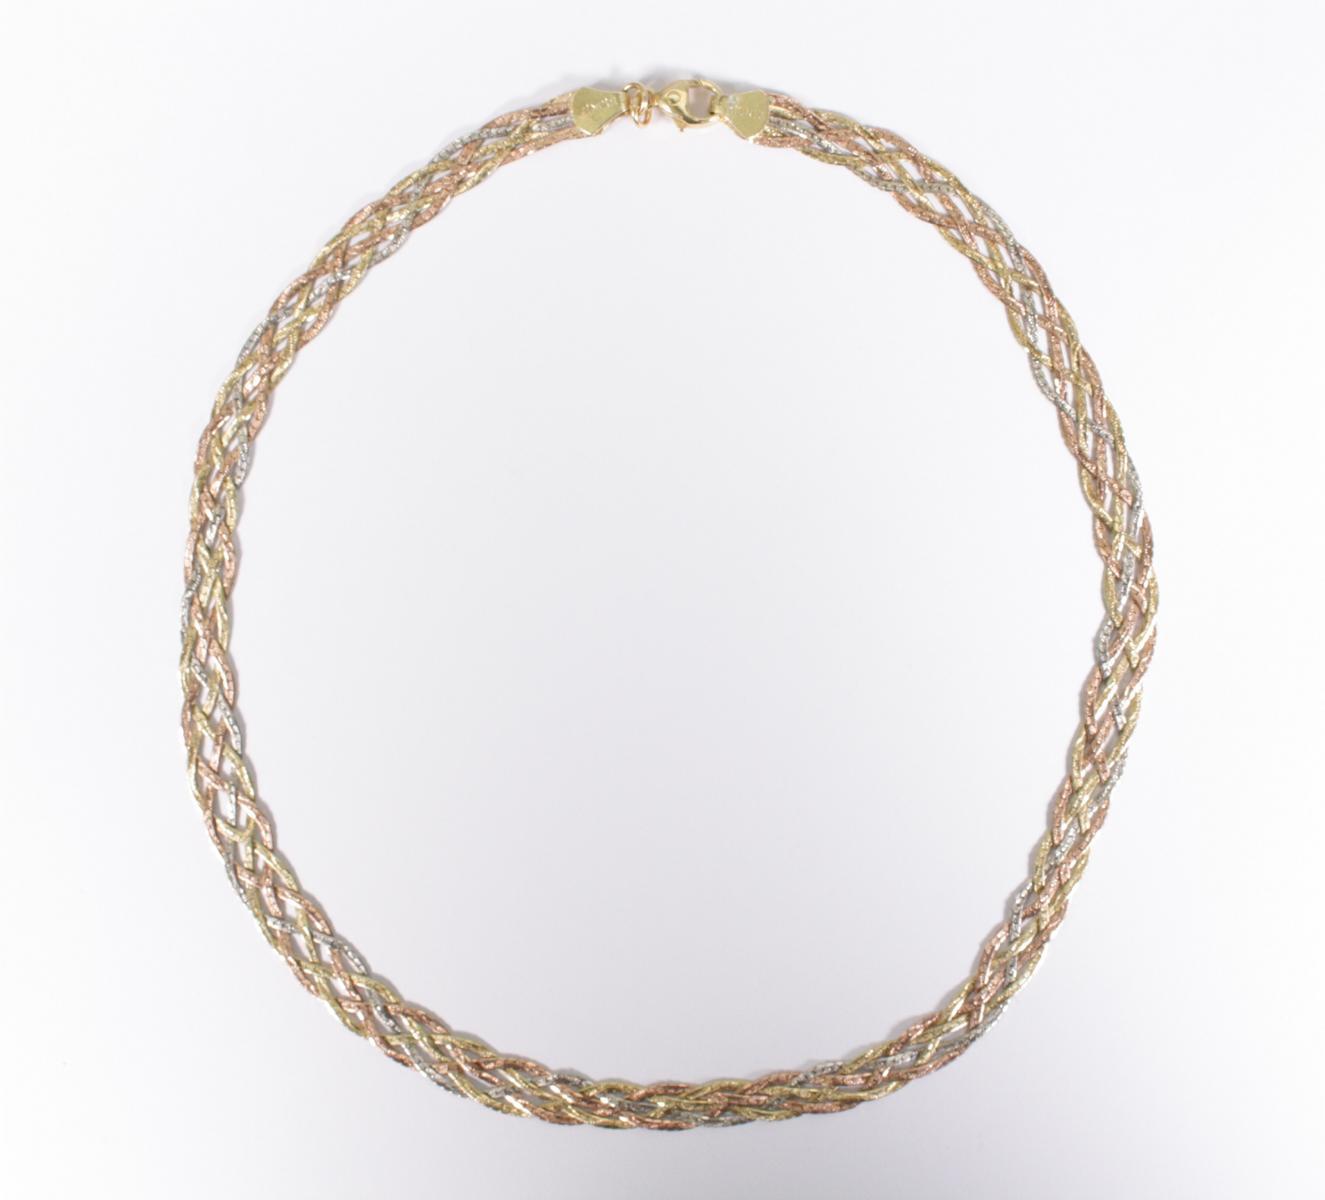 Halskette aus 14 Karat Weiß-, Rot-, und Gelbgold